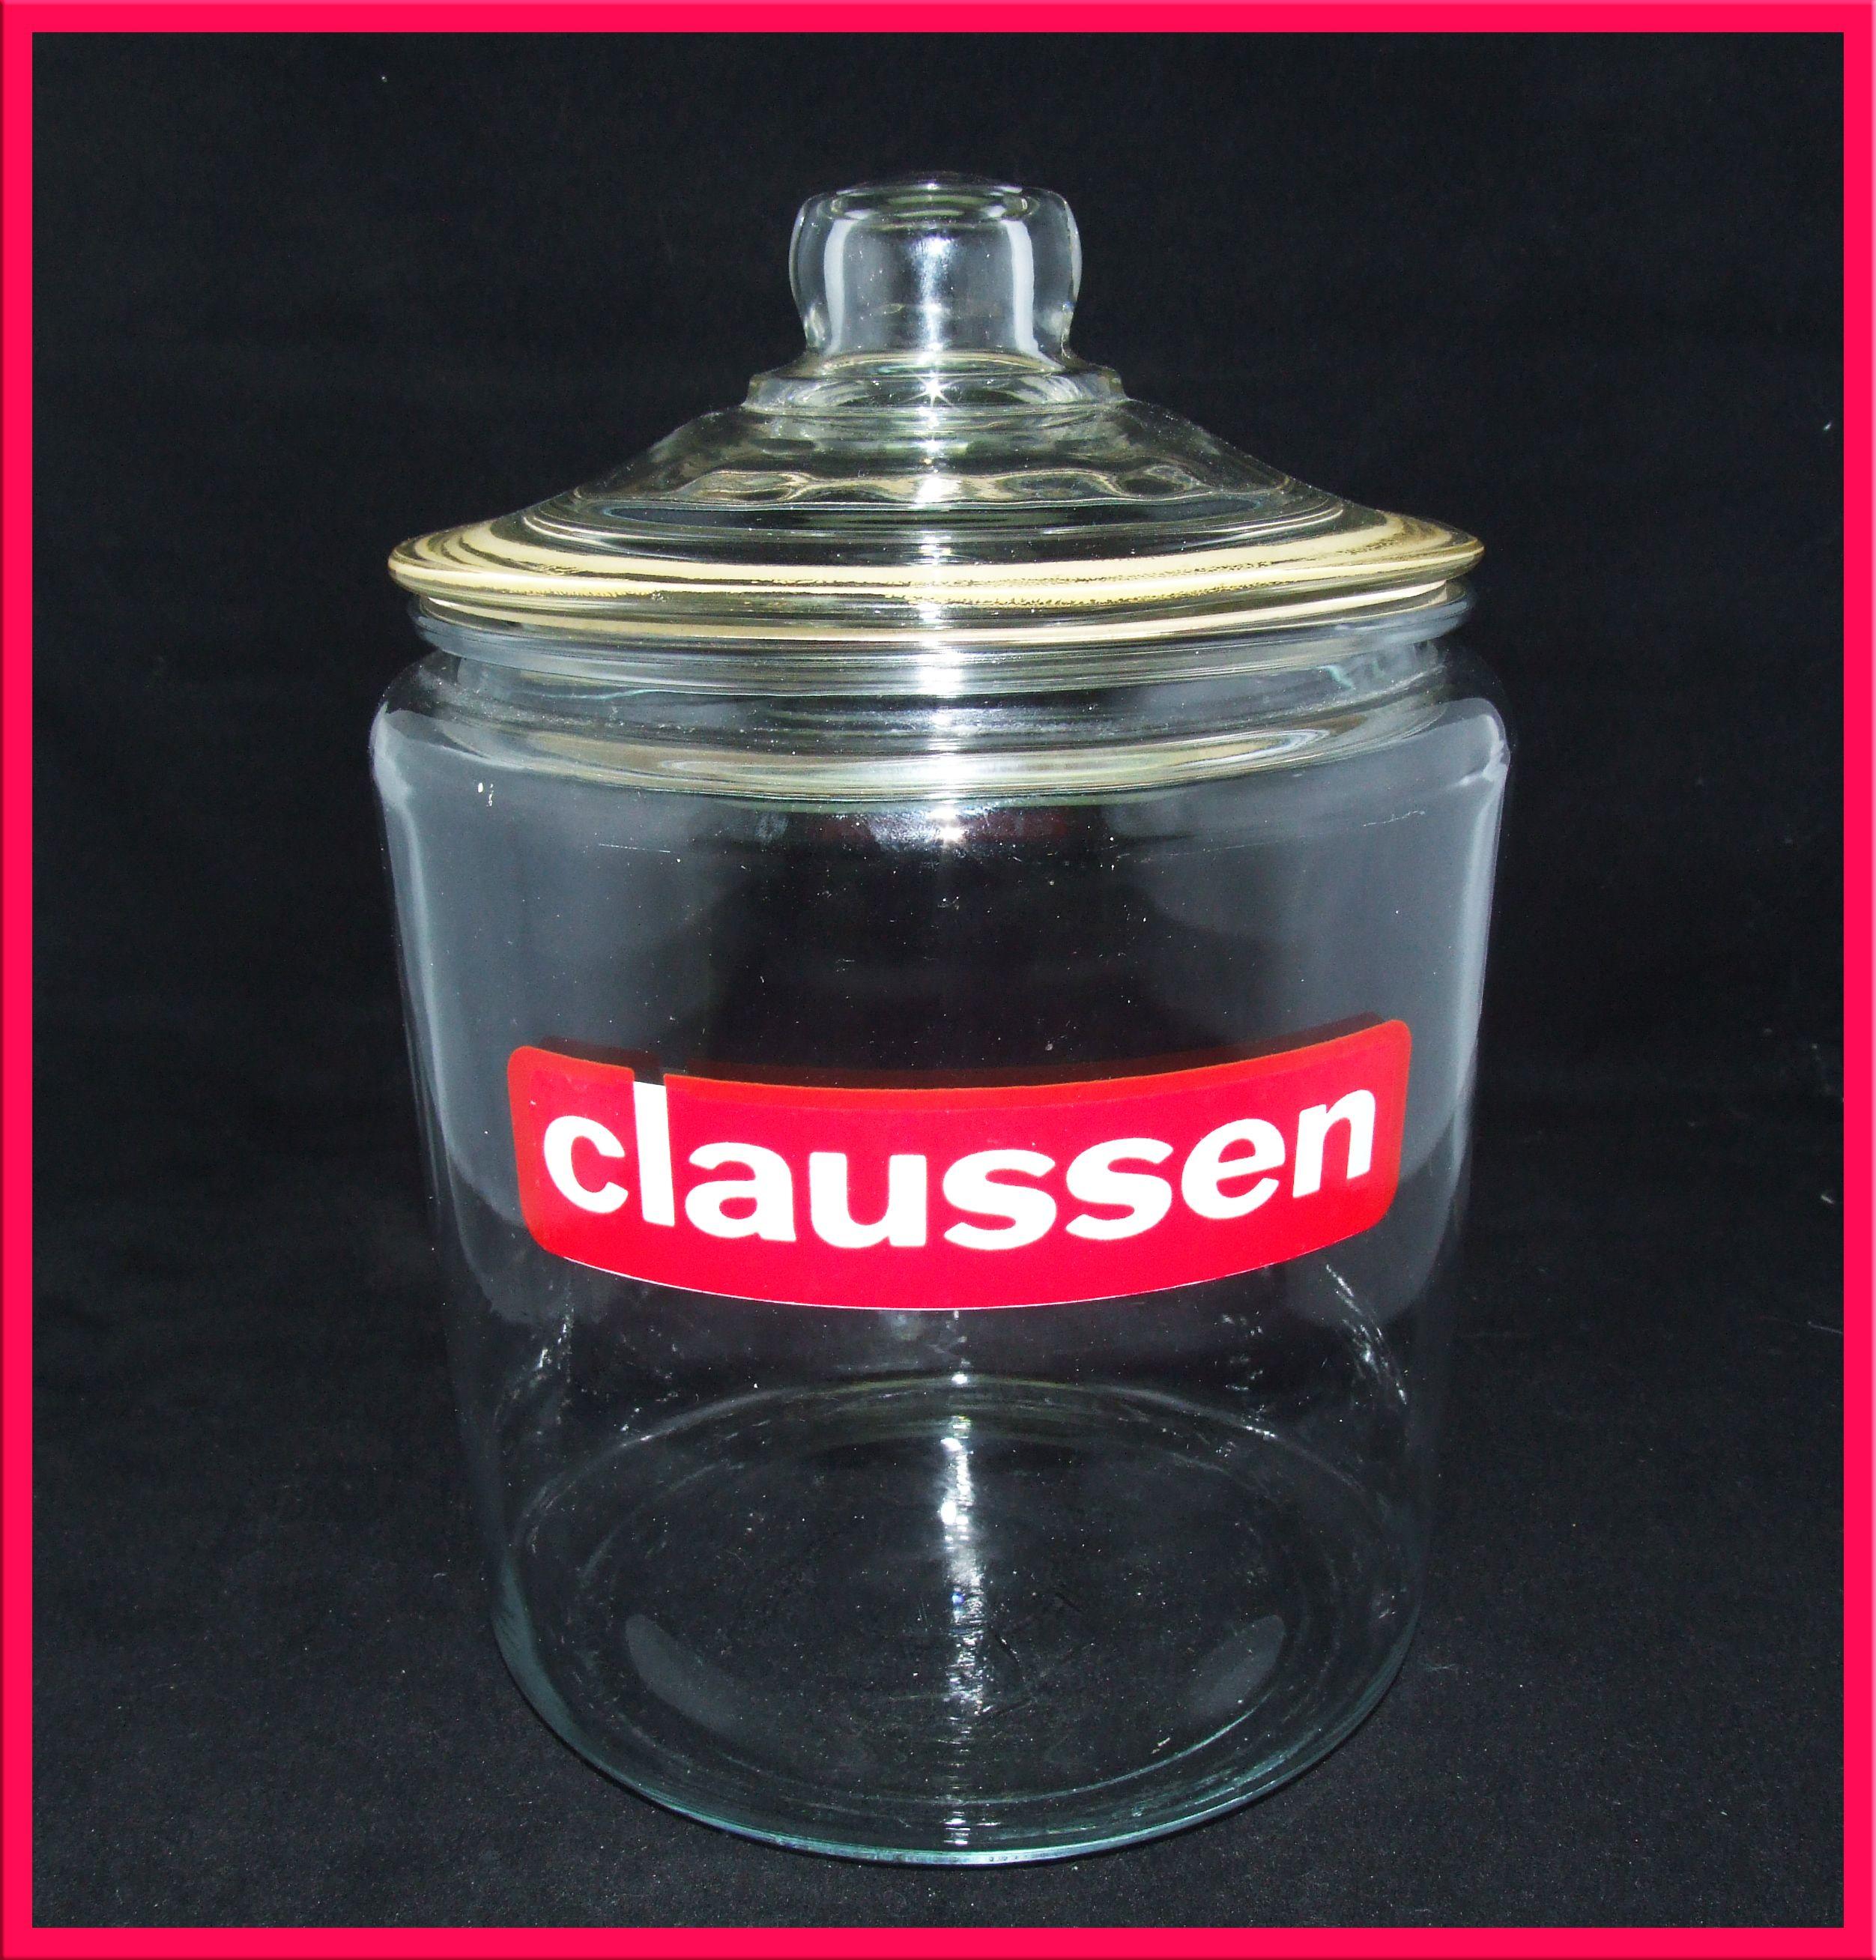 Claussen Pickle Jar Pickle Jars Vintage Jars Jar